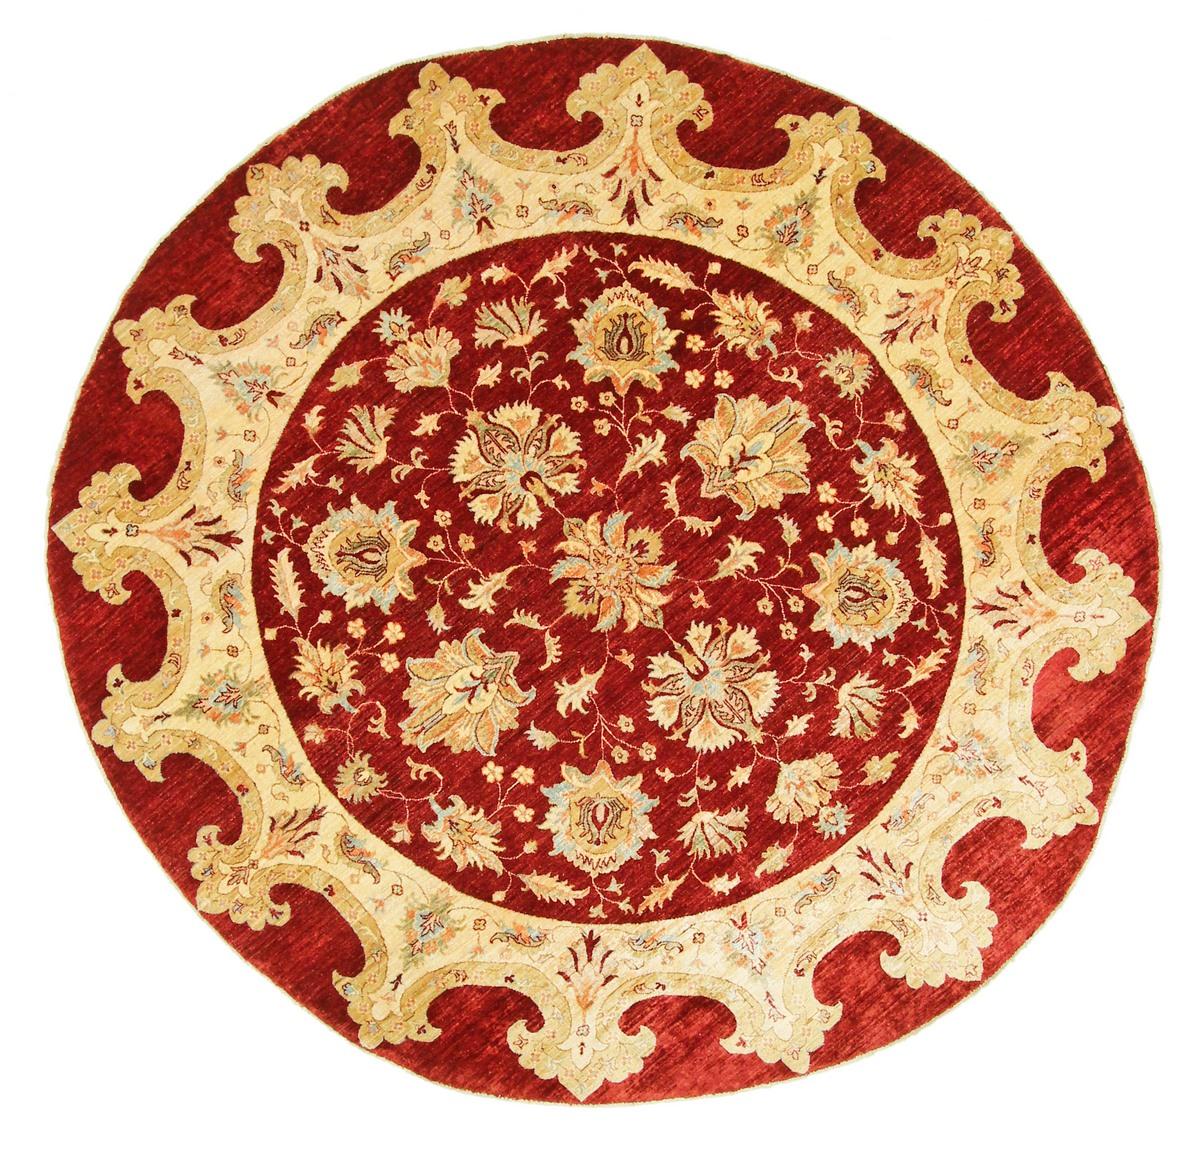 ziegler pakistanischer teppich 240x240 id14722 kaufen sie ihren orientteppich z 250x250 bei. Black Bedroom Furniture Sets. Home Design Ideas